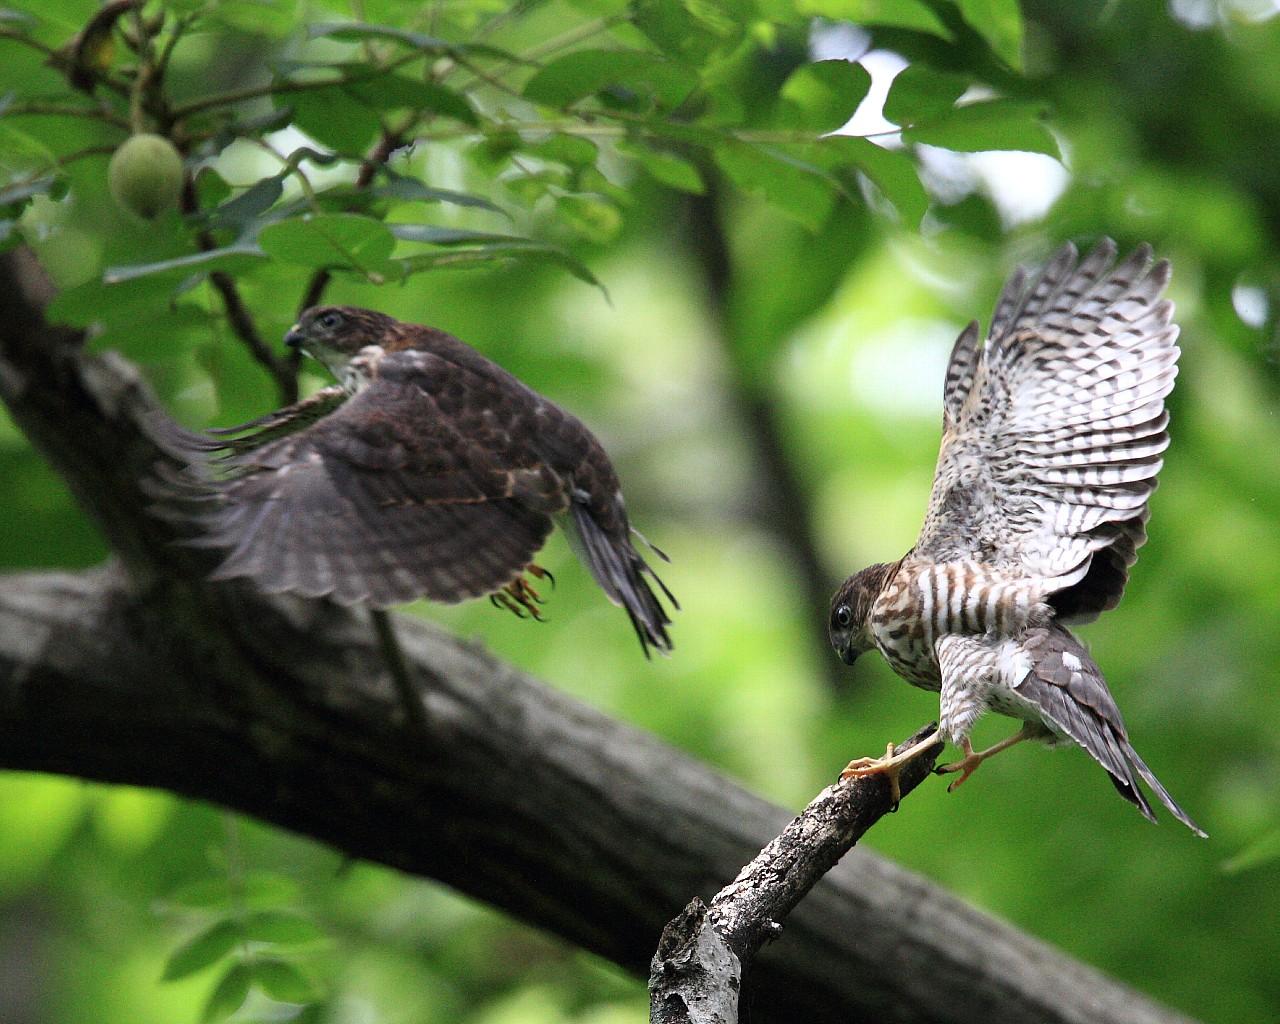 ツミ幼鳥が2羽で飛び回る_f0105570_21345436.jpg